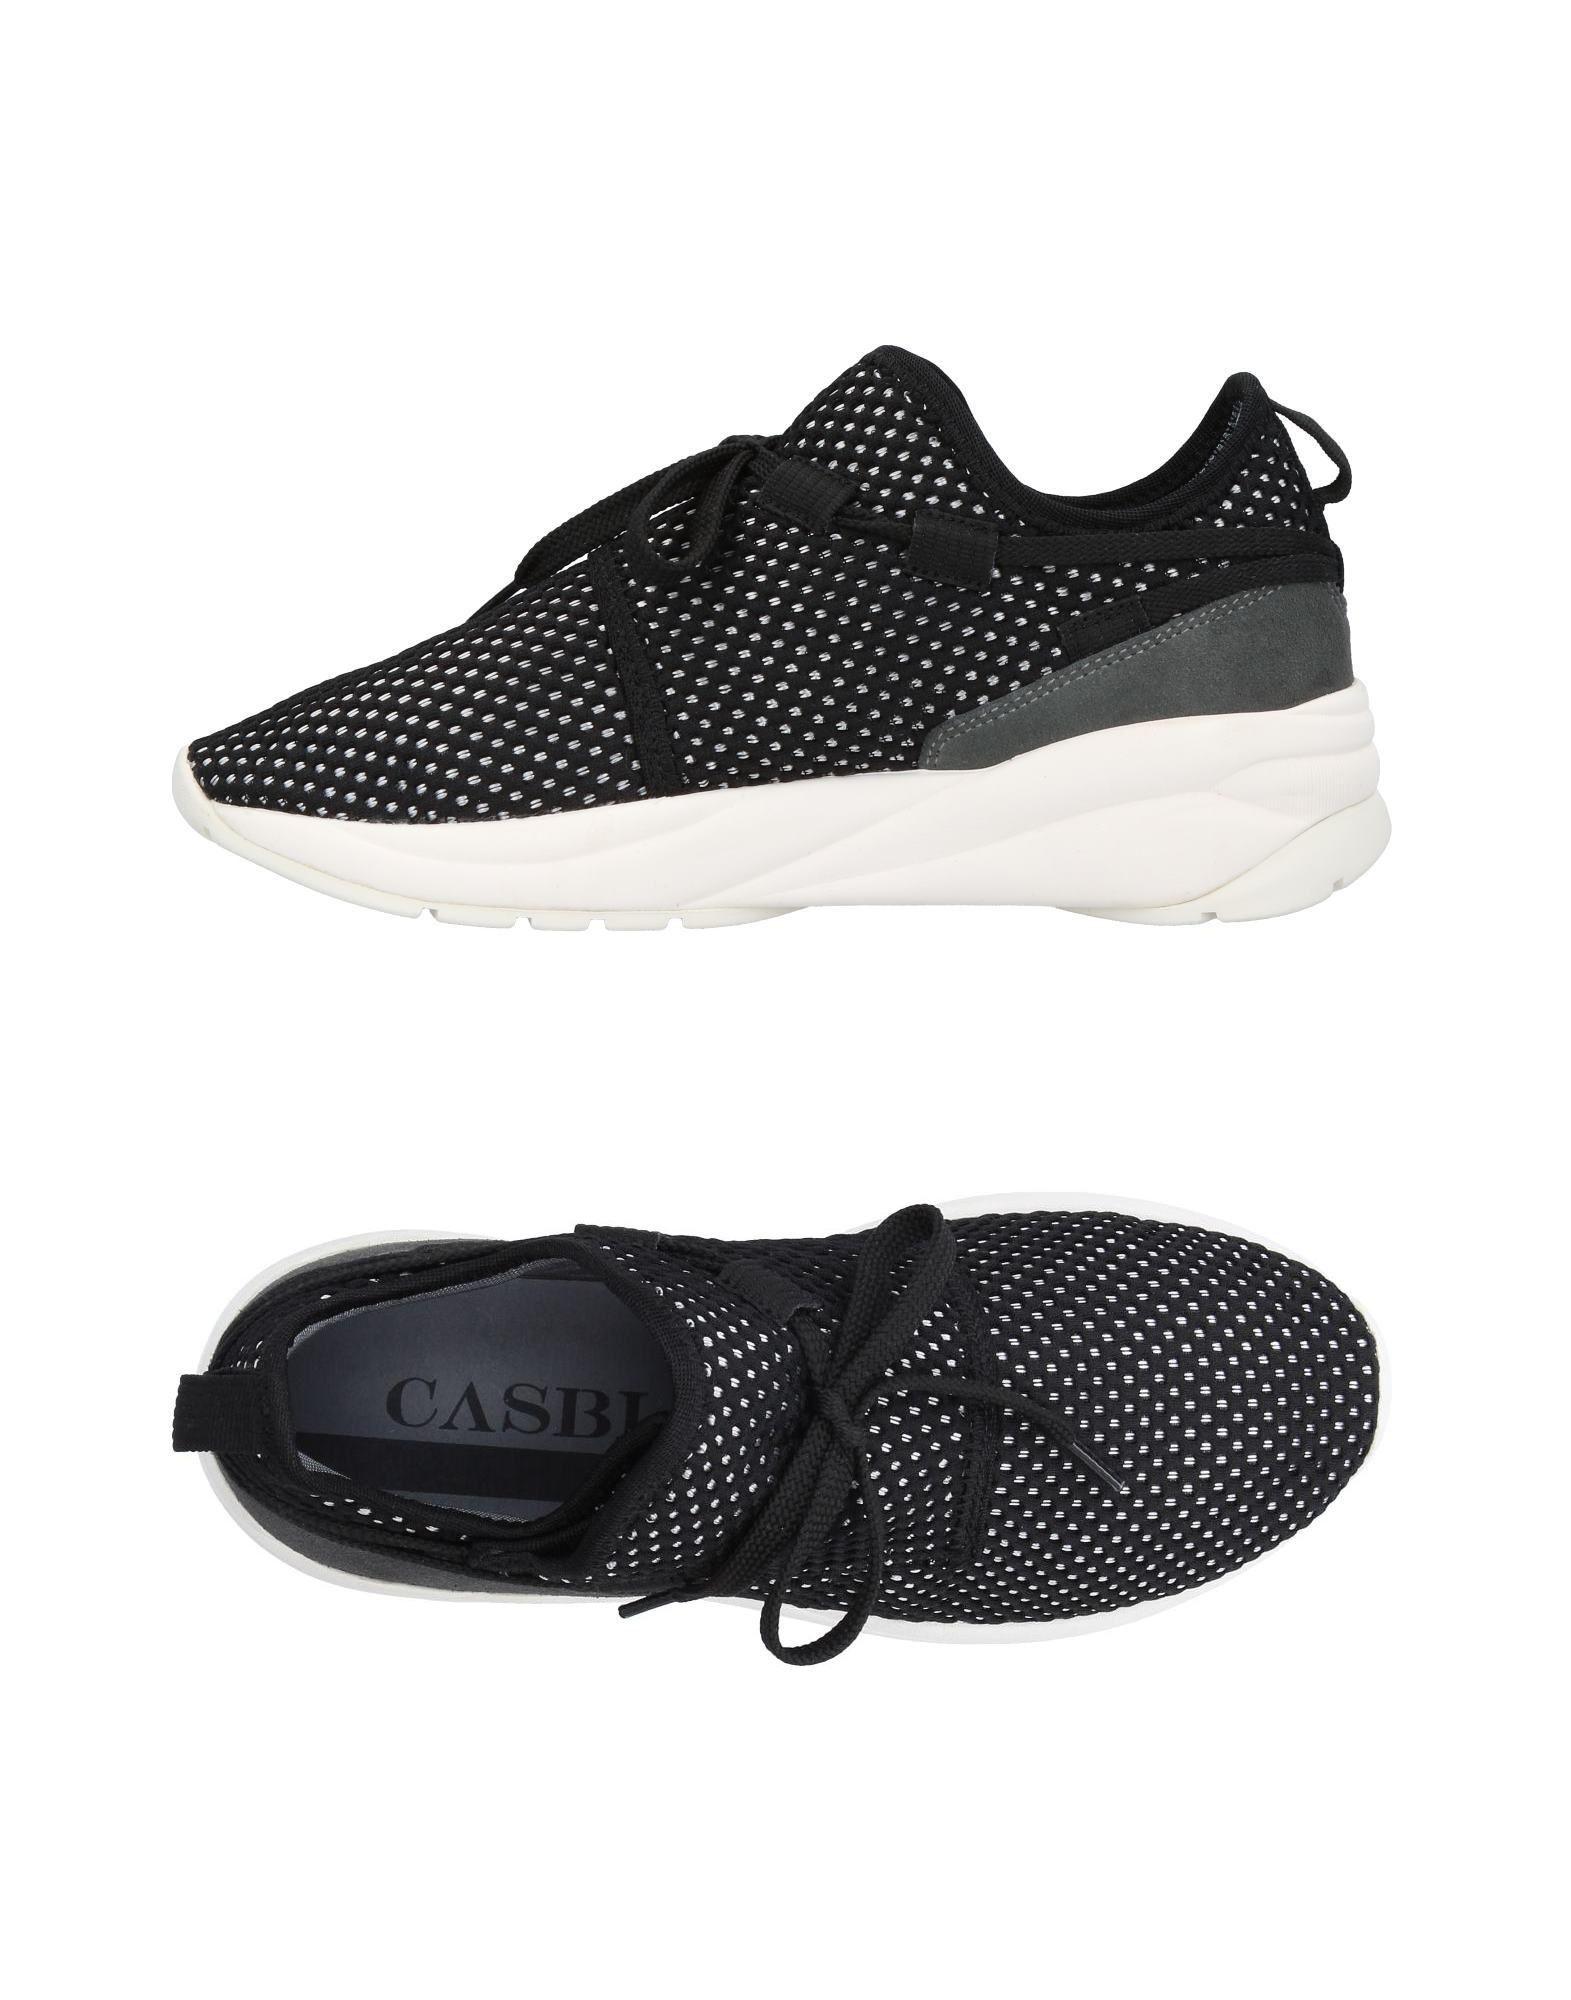 1c051164d30 CASBIA .  casbia  shoes